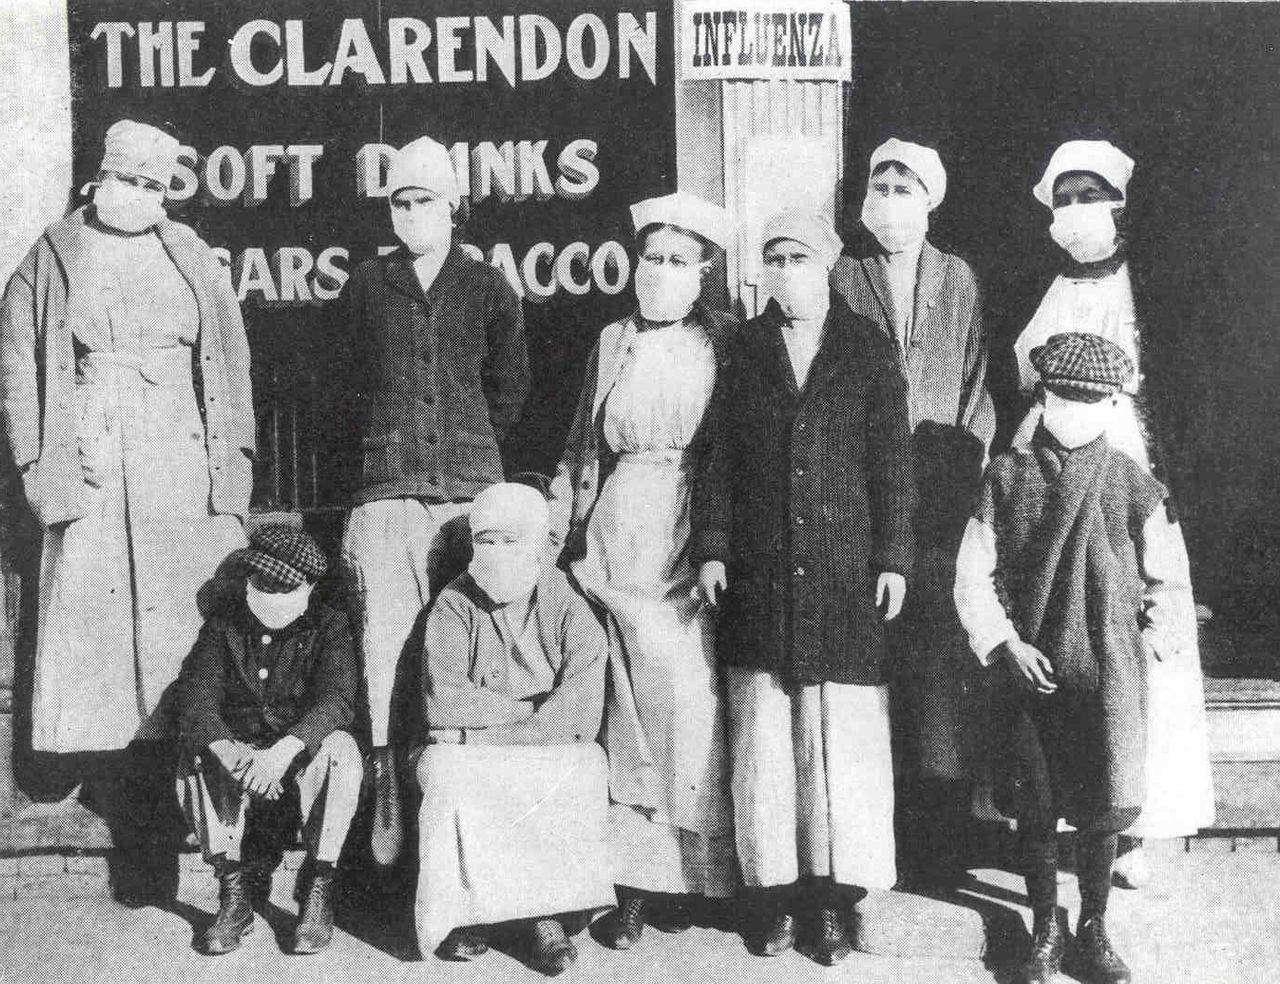 اشكال الحياة فى انفلونزا 1918  (1)